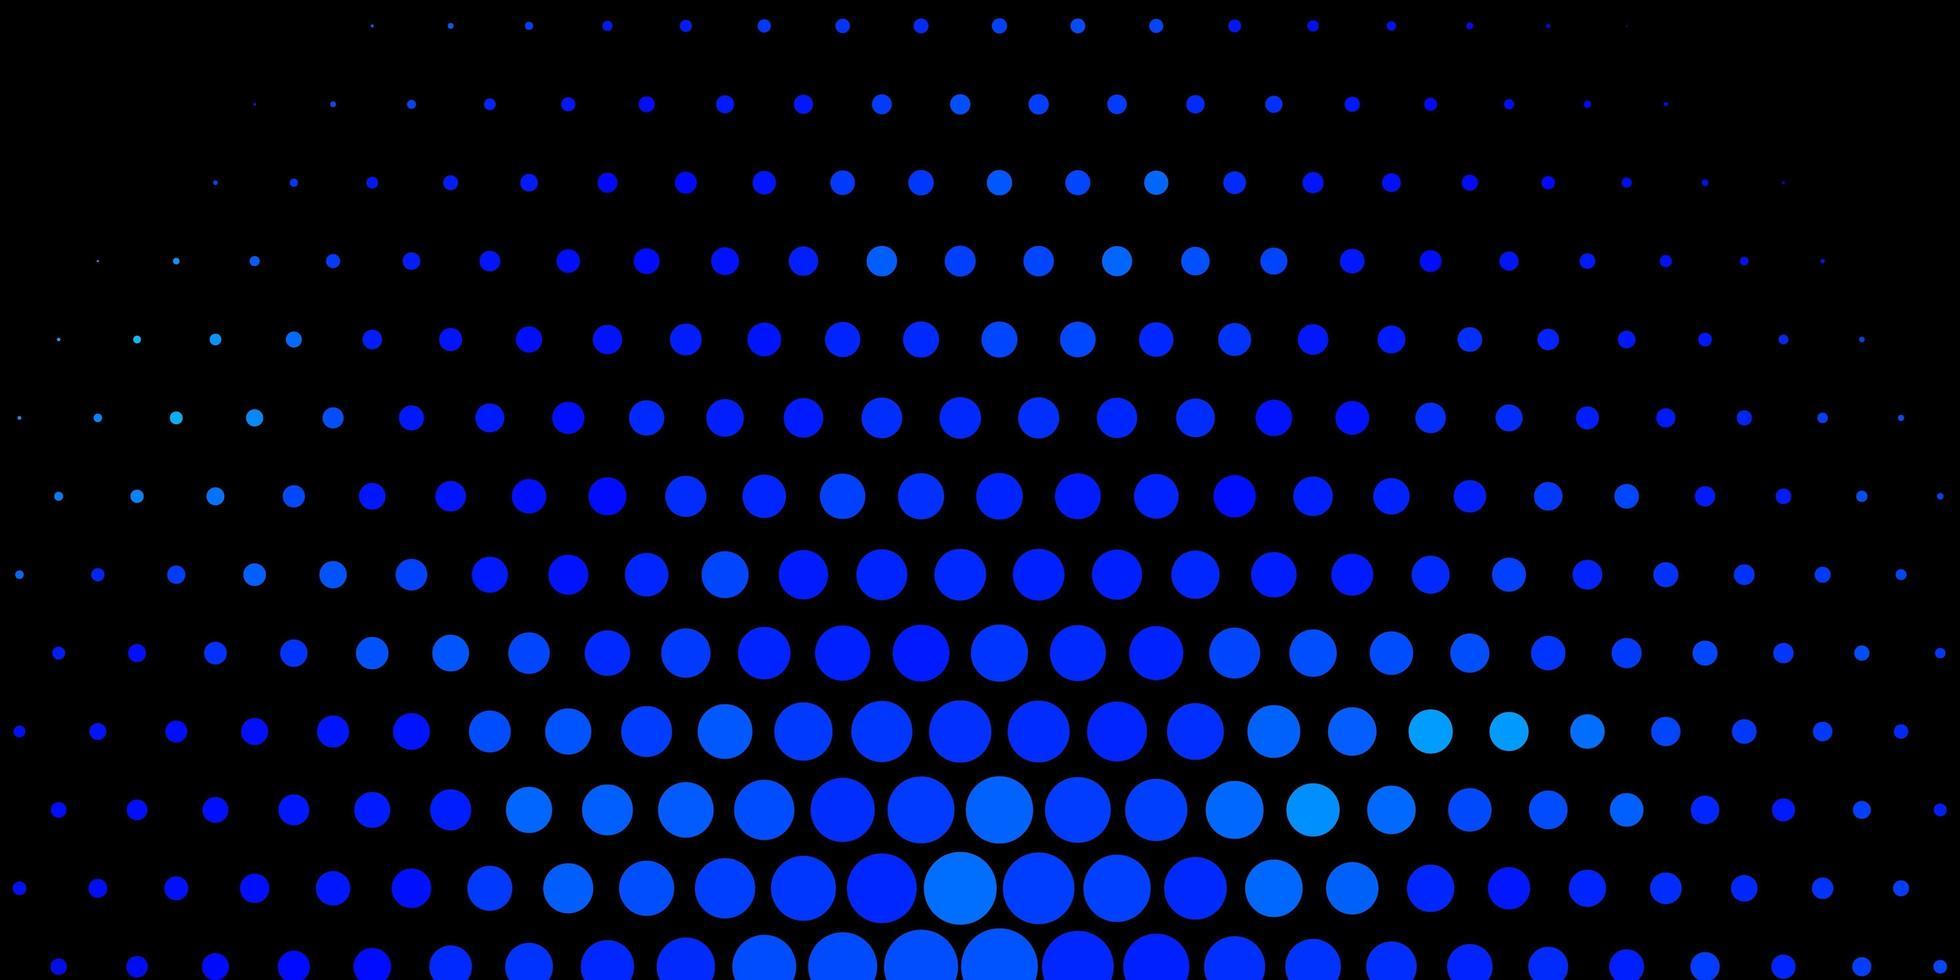 fond de vecteur bleu foncé avec des taches.